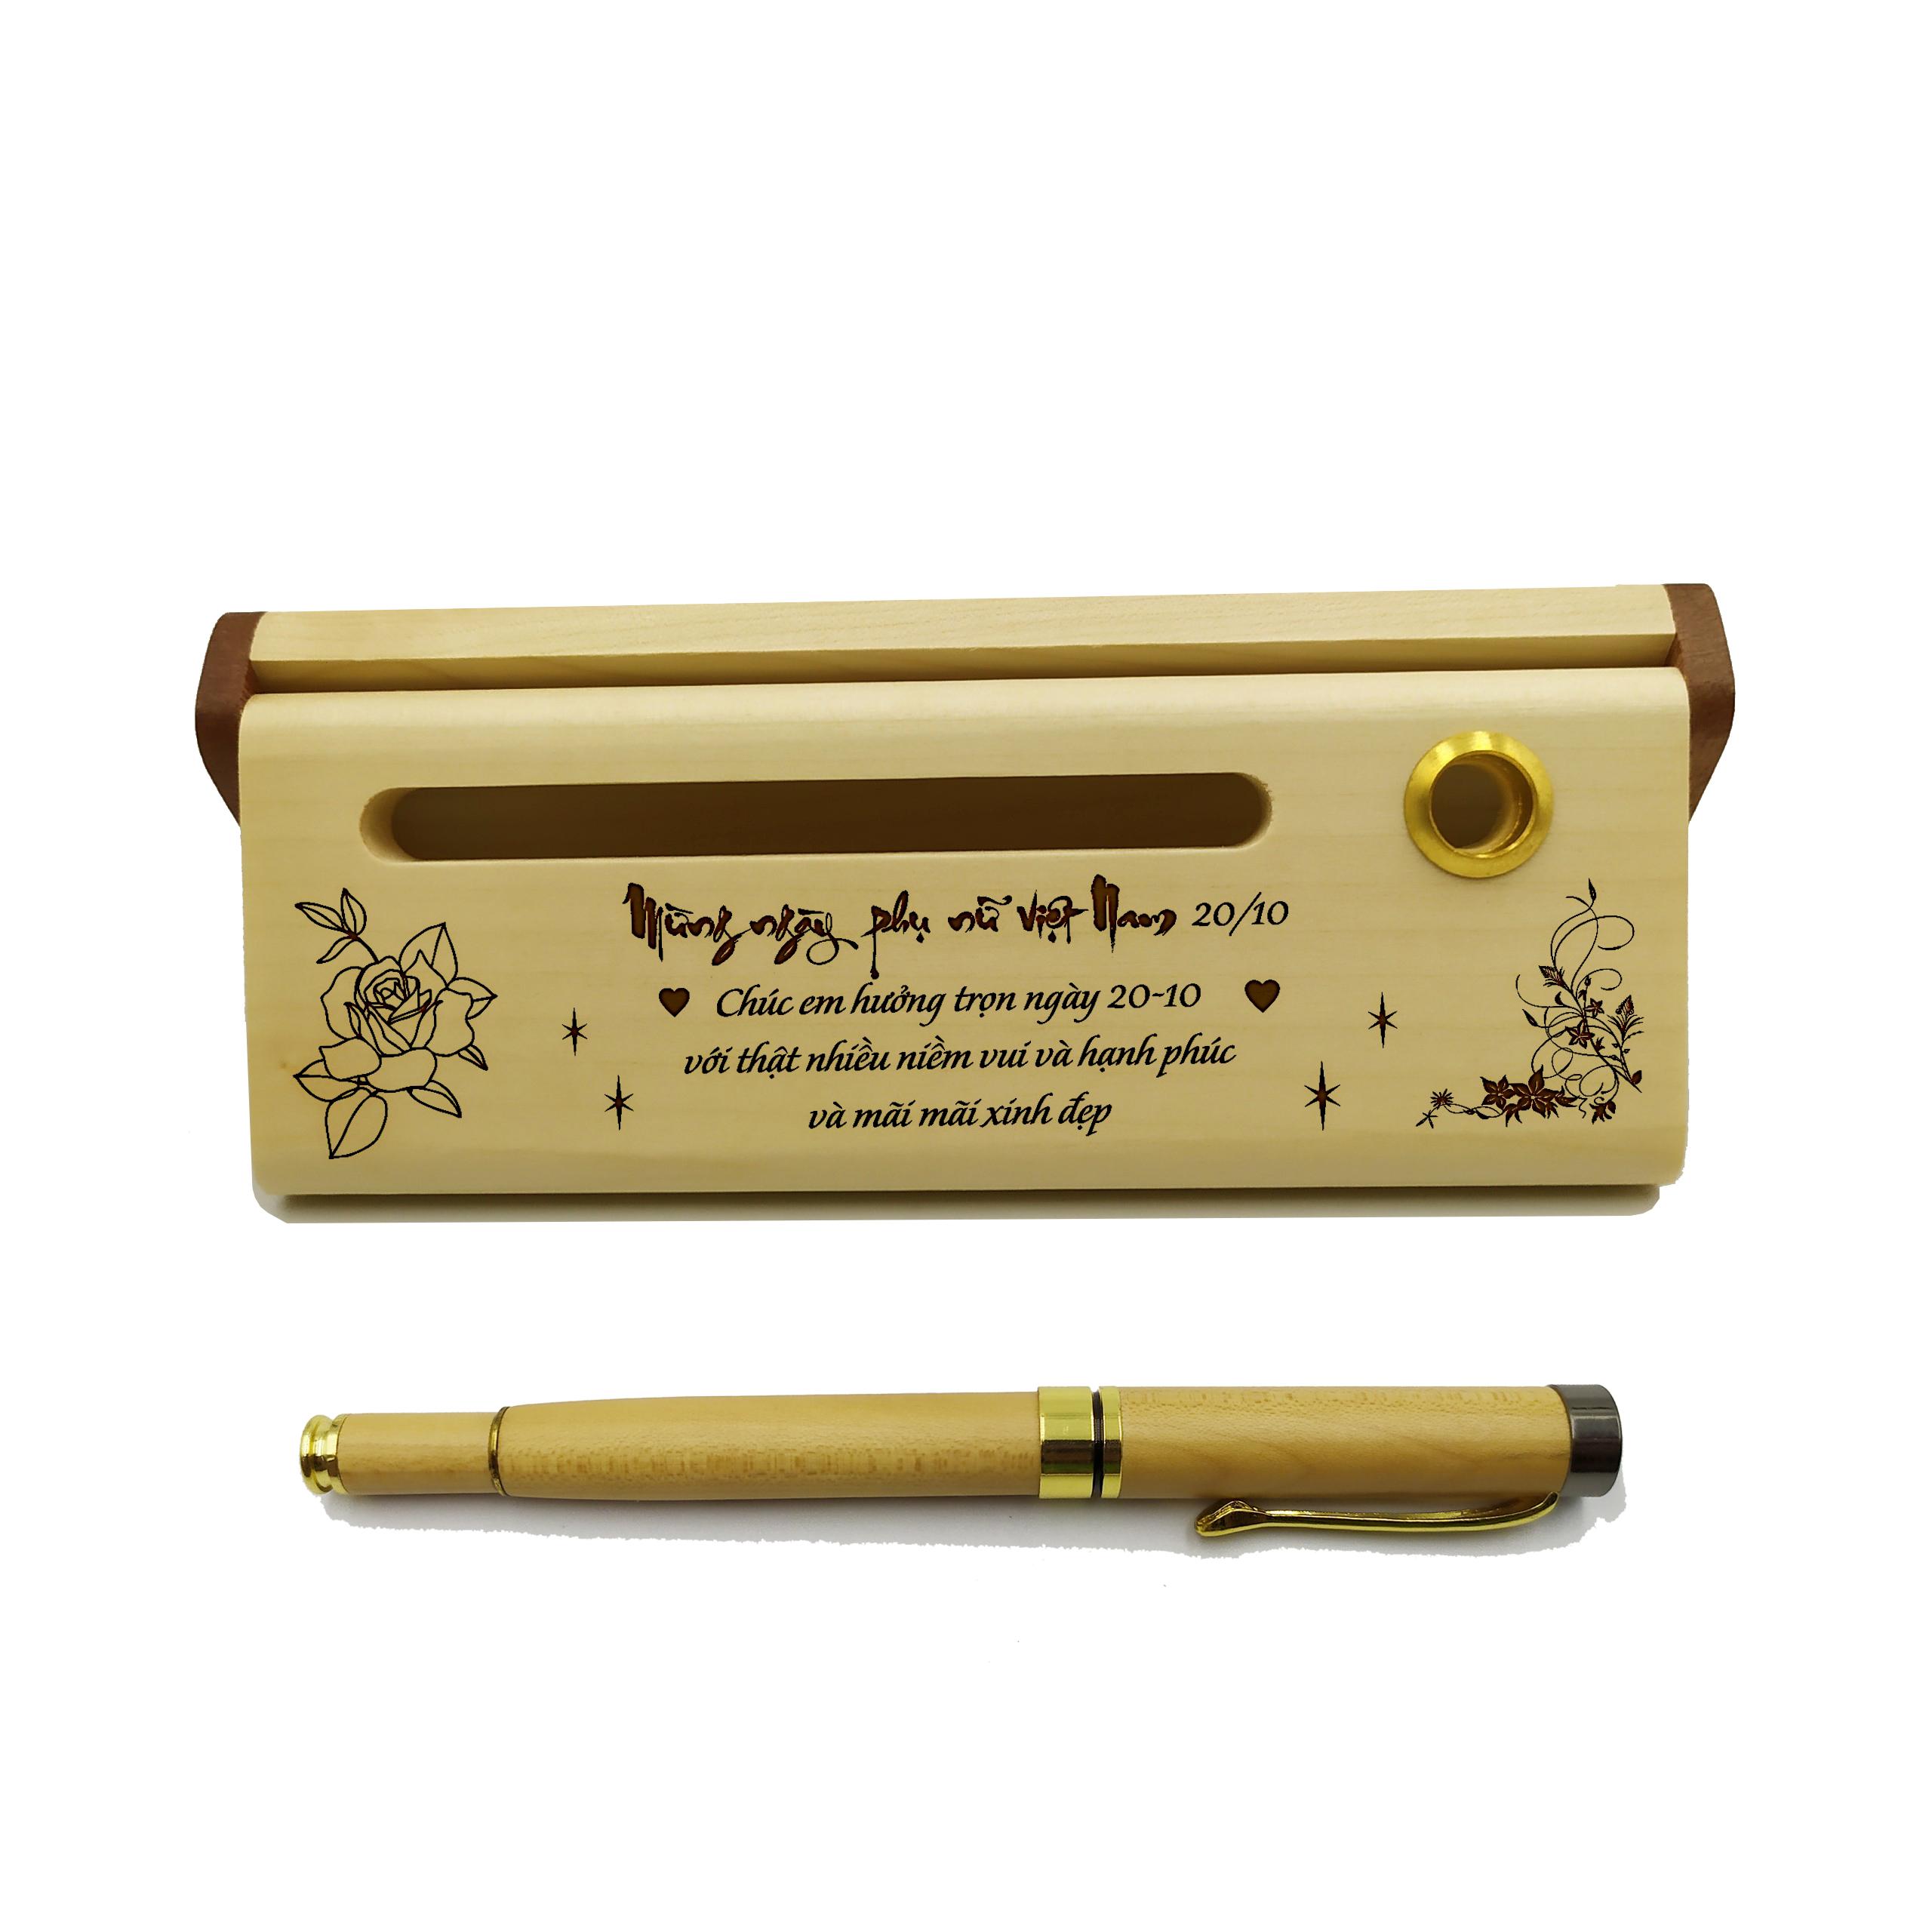 Bút gỗ cao cấp làm quà tặng ngày 20/10 (Kèm hộp đựng sang trọng)